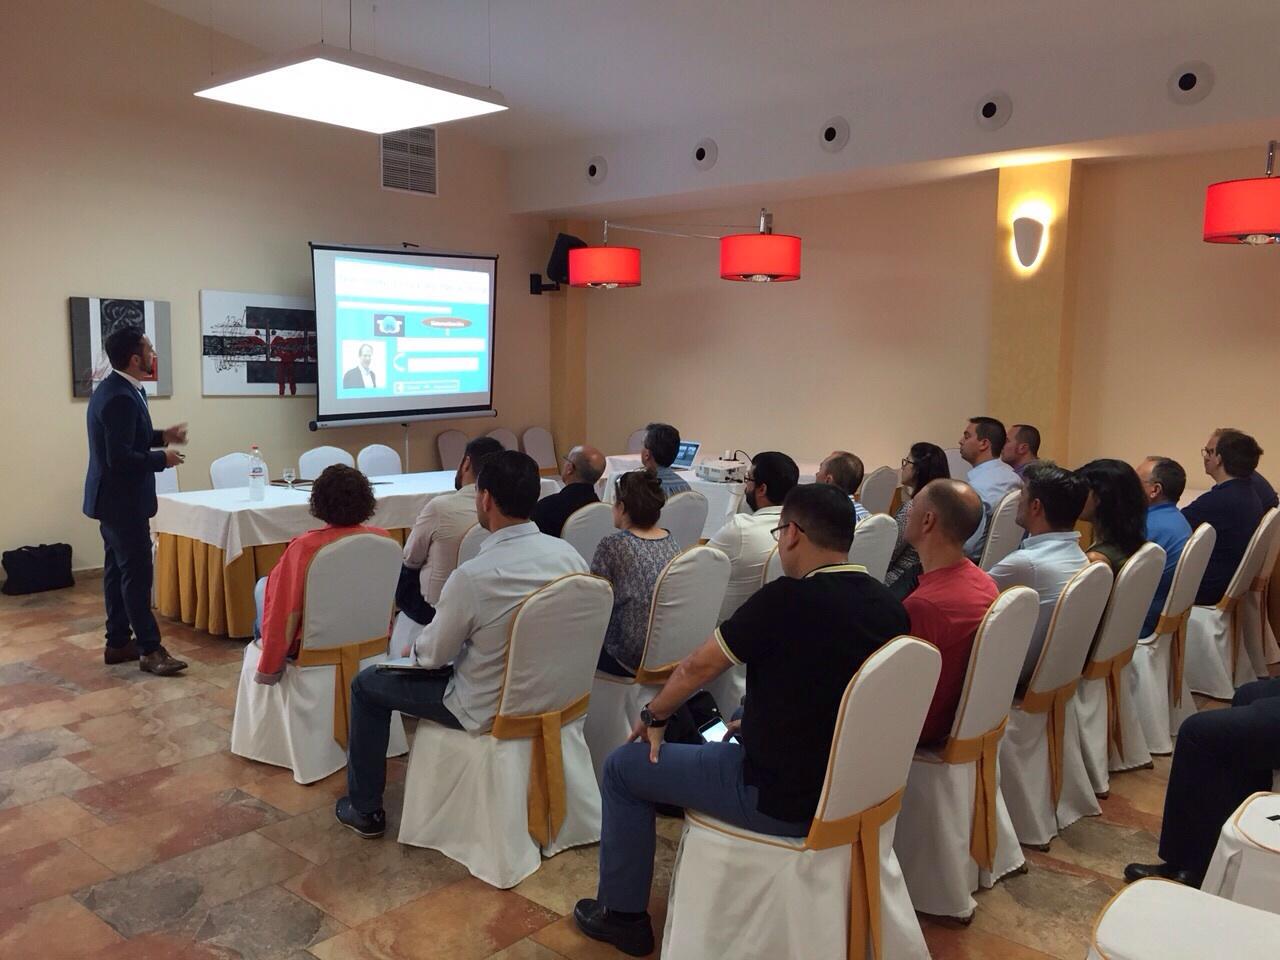 La Asociación de empresas del Polígono Industrial de Rafelbunyol (AEPIR) continúa apostando por la formación de coaching para sus empresarios.